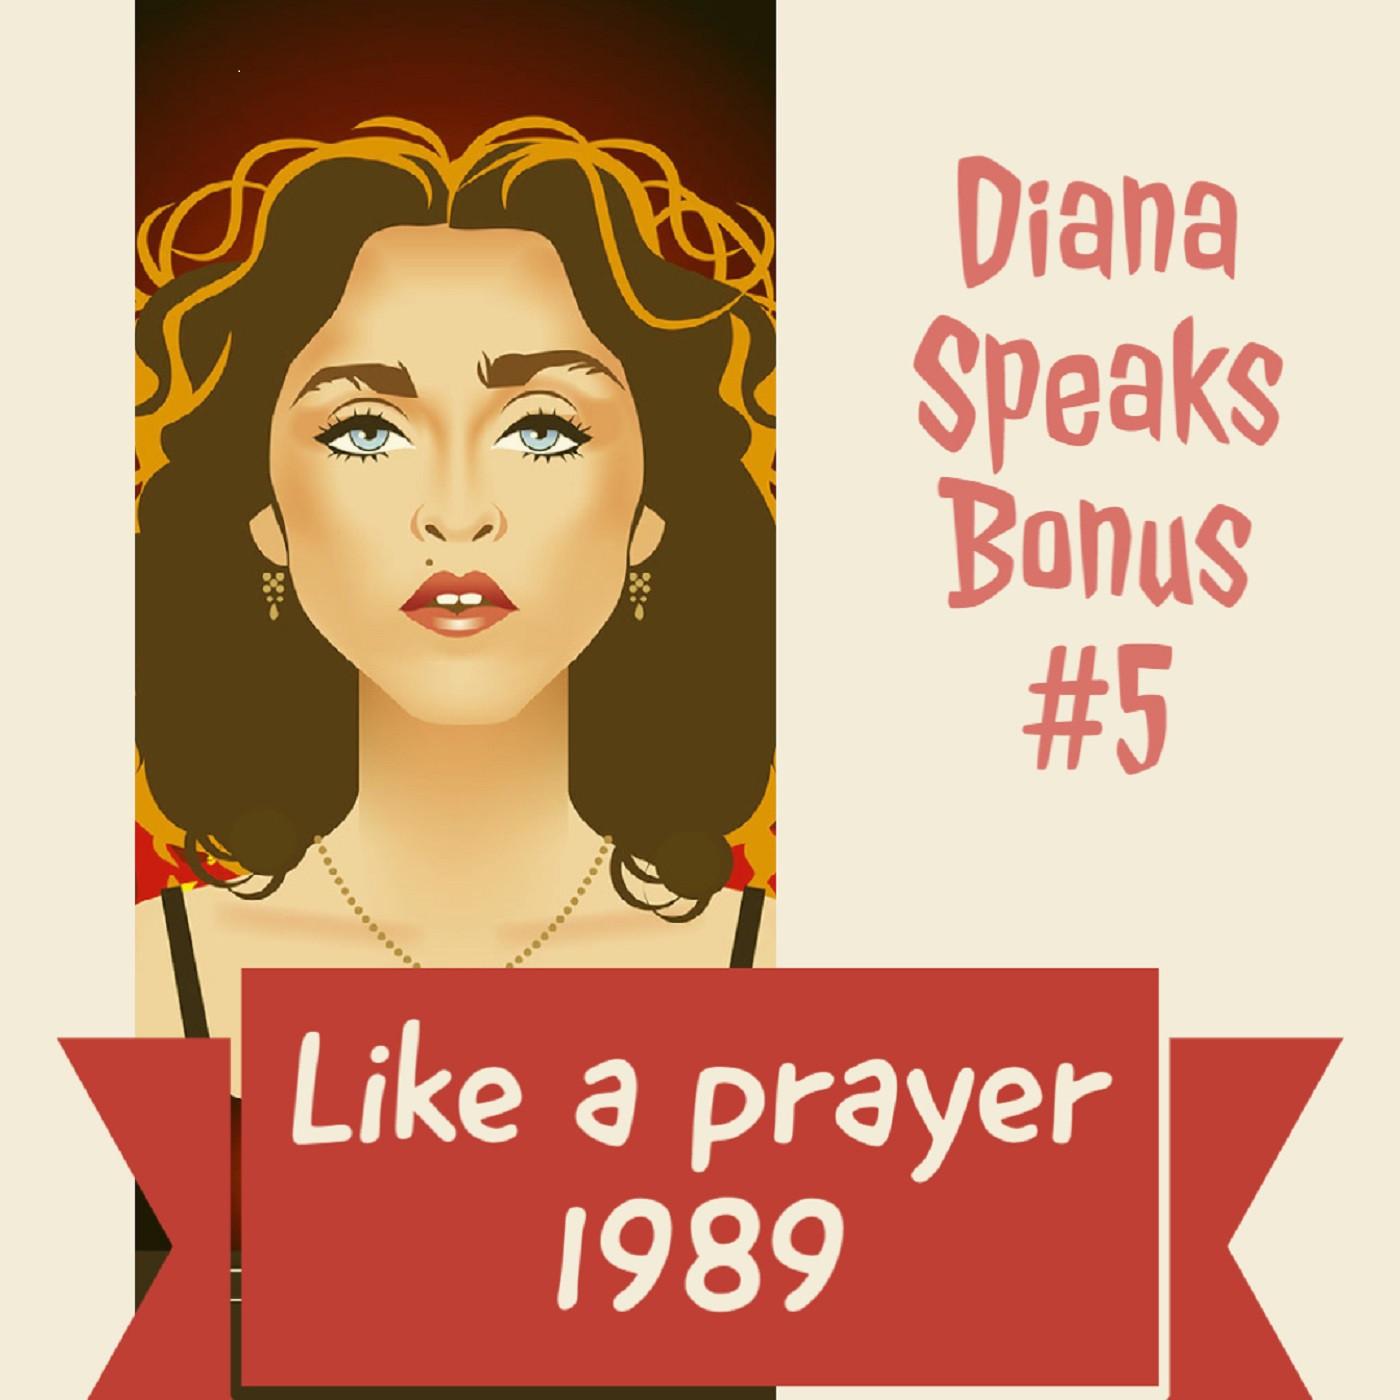 Diana Speaks Bonus #5